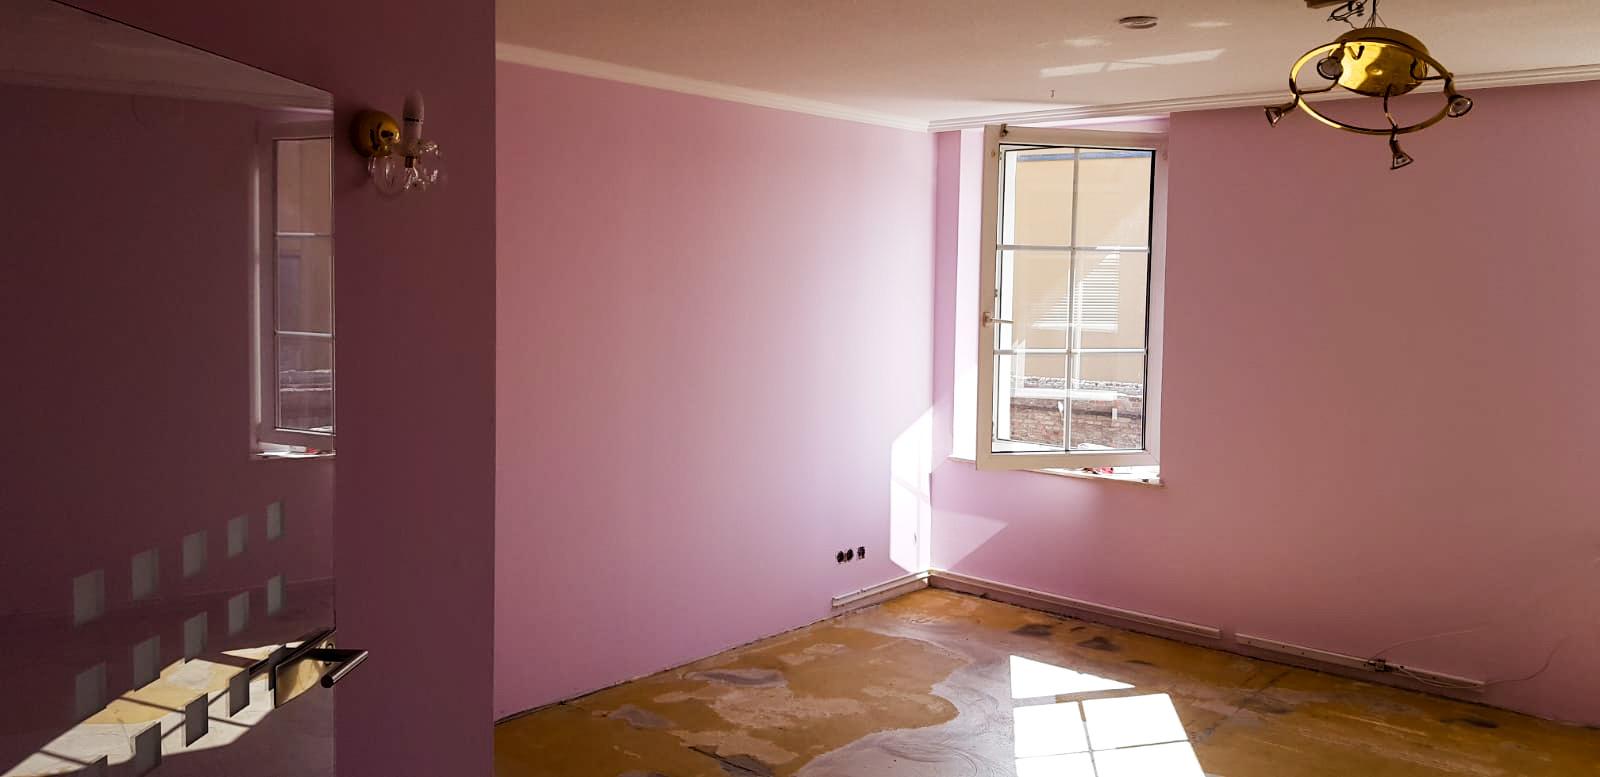 Malerarbeiten und Innenraum 2